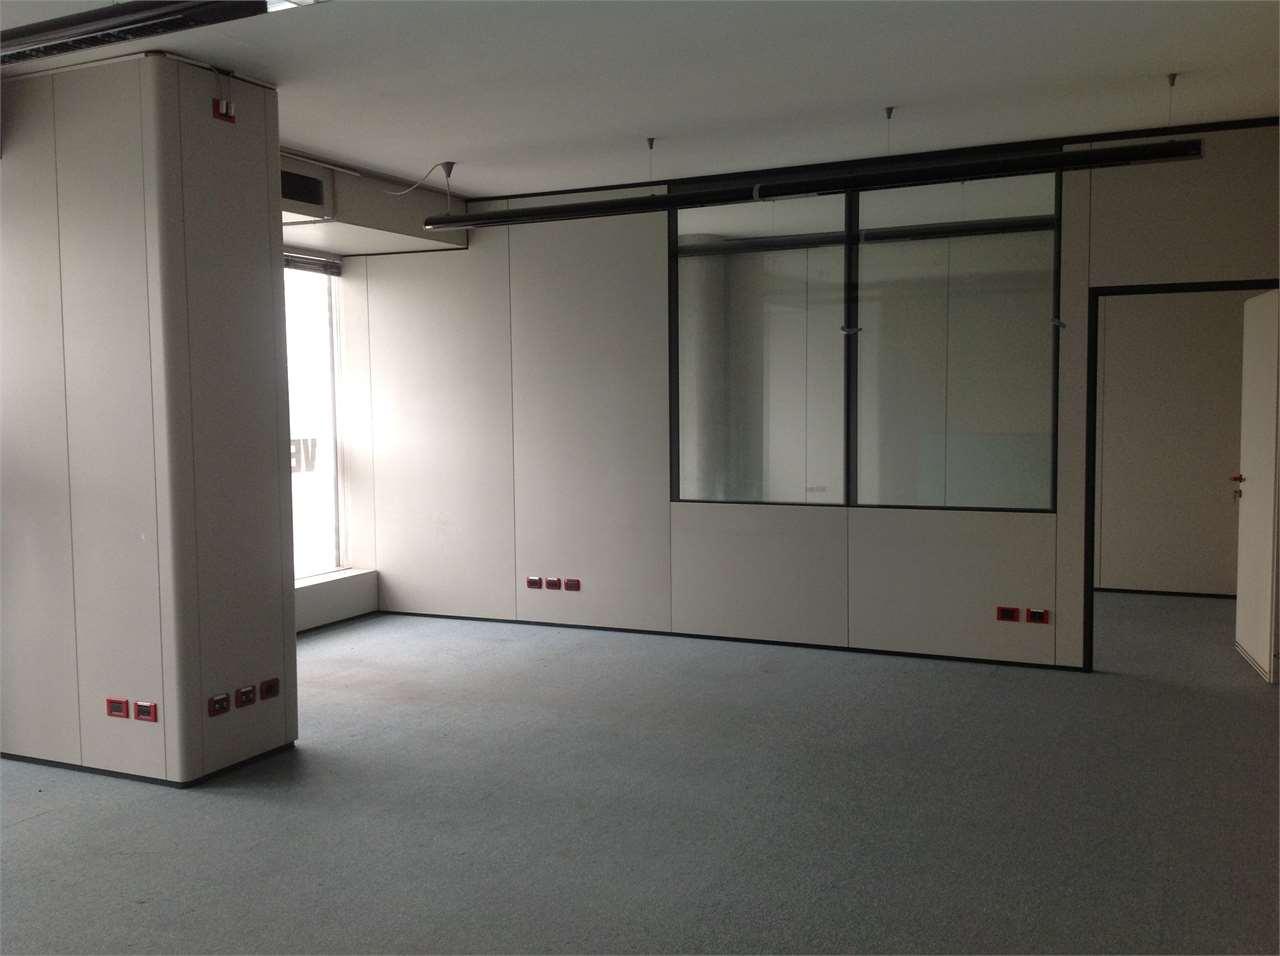 Ufficio in vendita a san vendemiano 130000 euro 2 locali